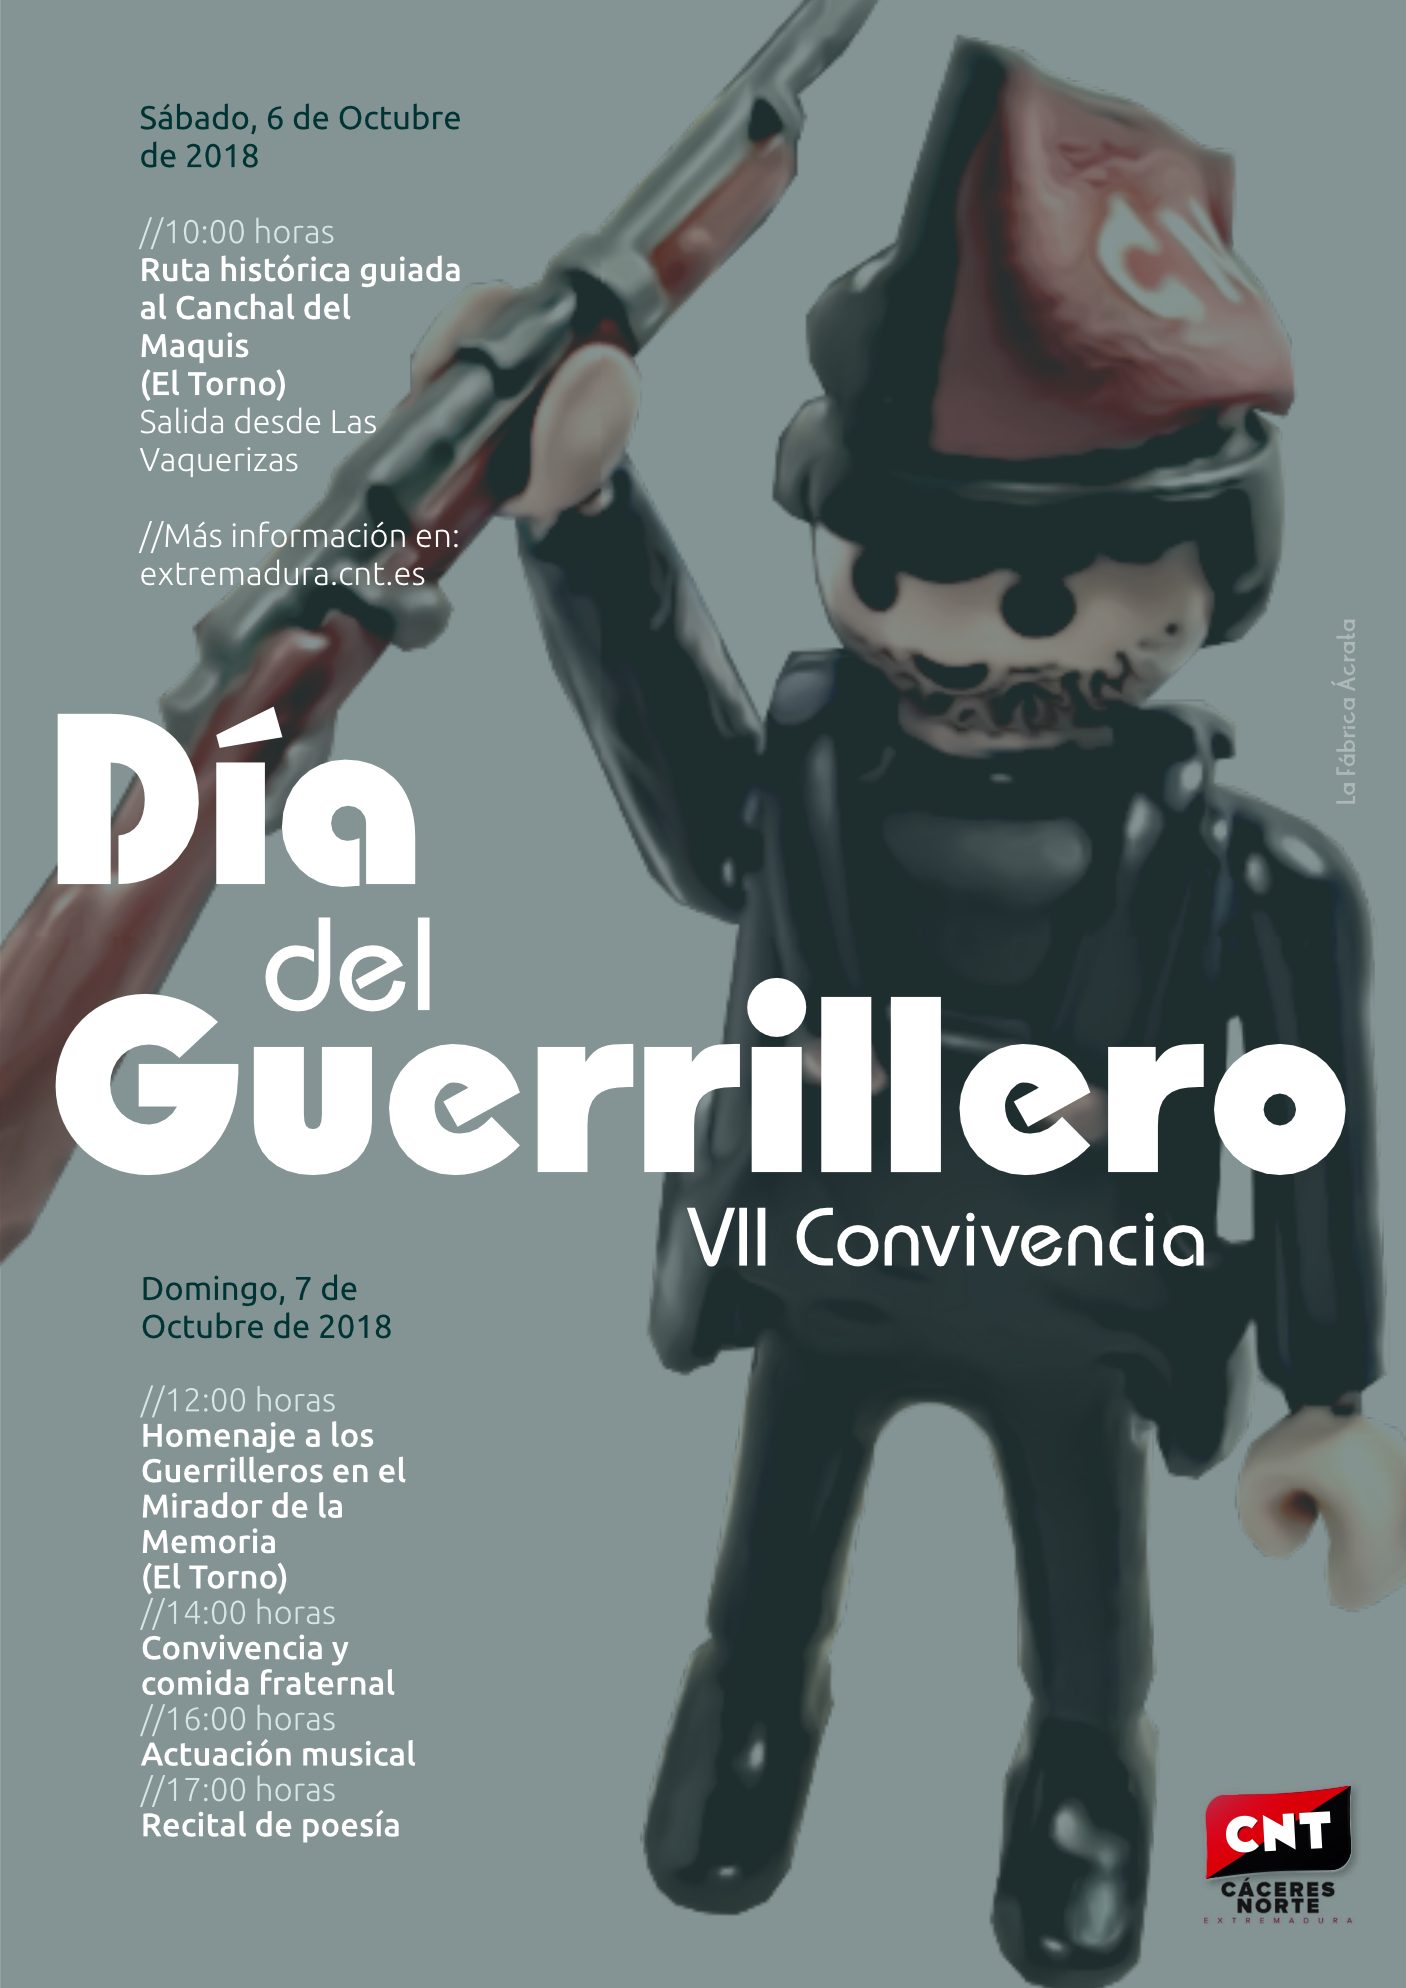 Día del Guerrillero 2018. VII Convivencia en El Torno (Cáceres)